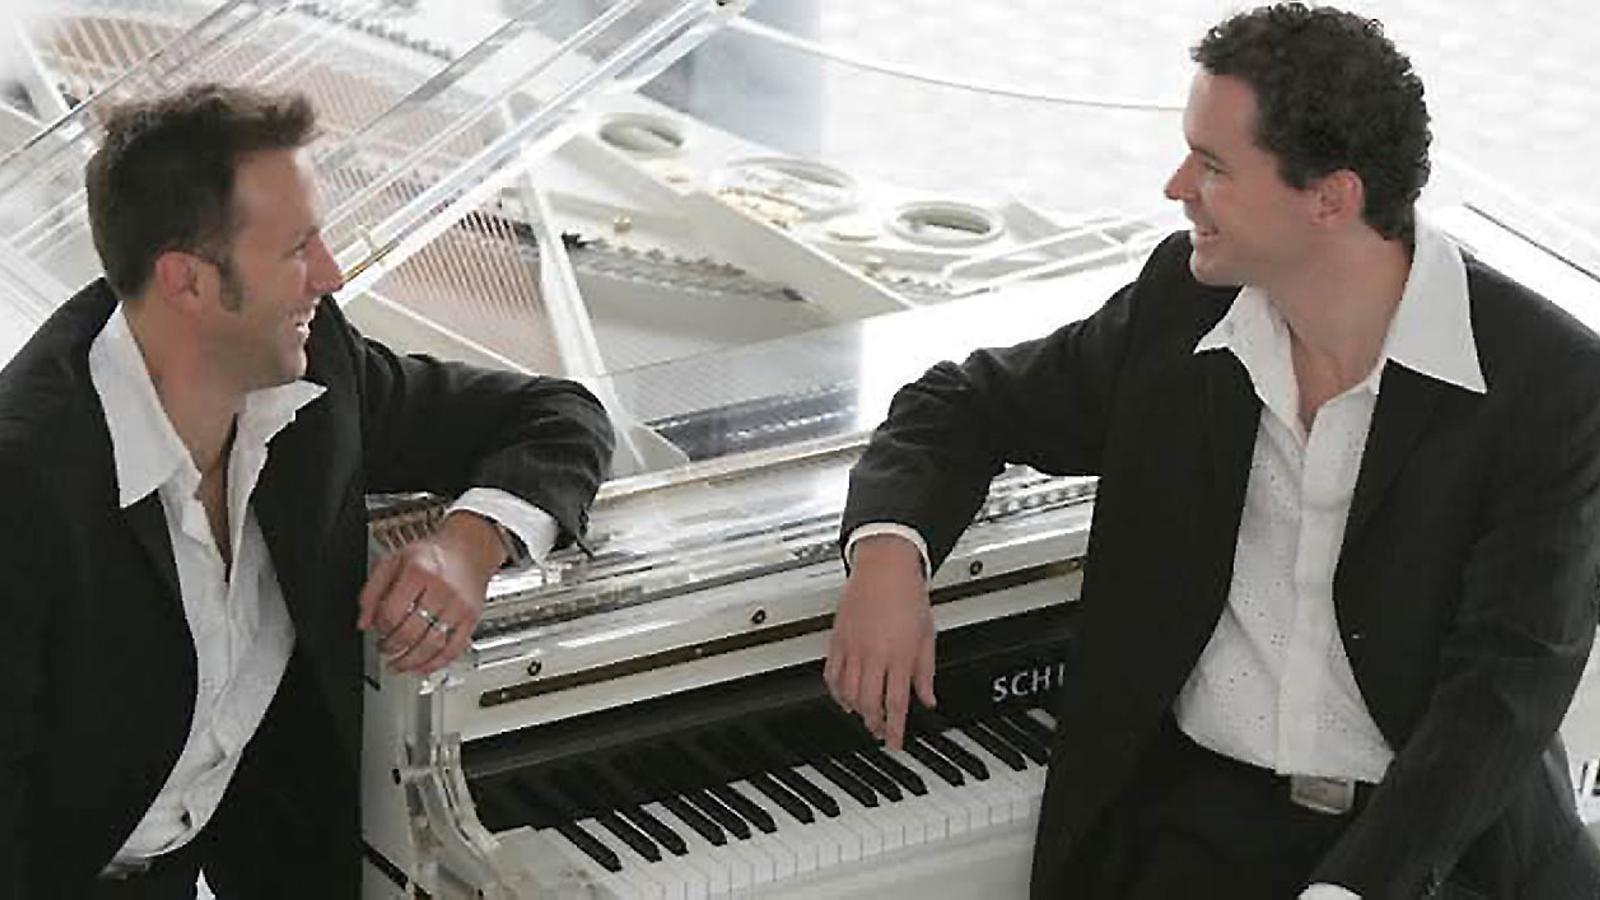 Marcel Dorn i Stephan Weh, dos pianistes de gran nivell que utilitzen el piano per fer humor.